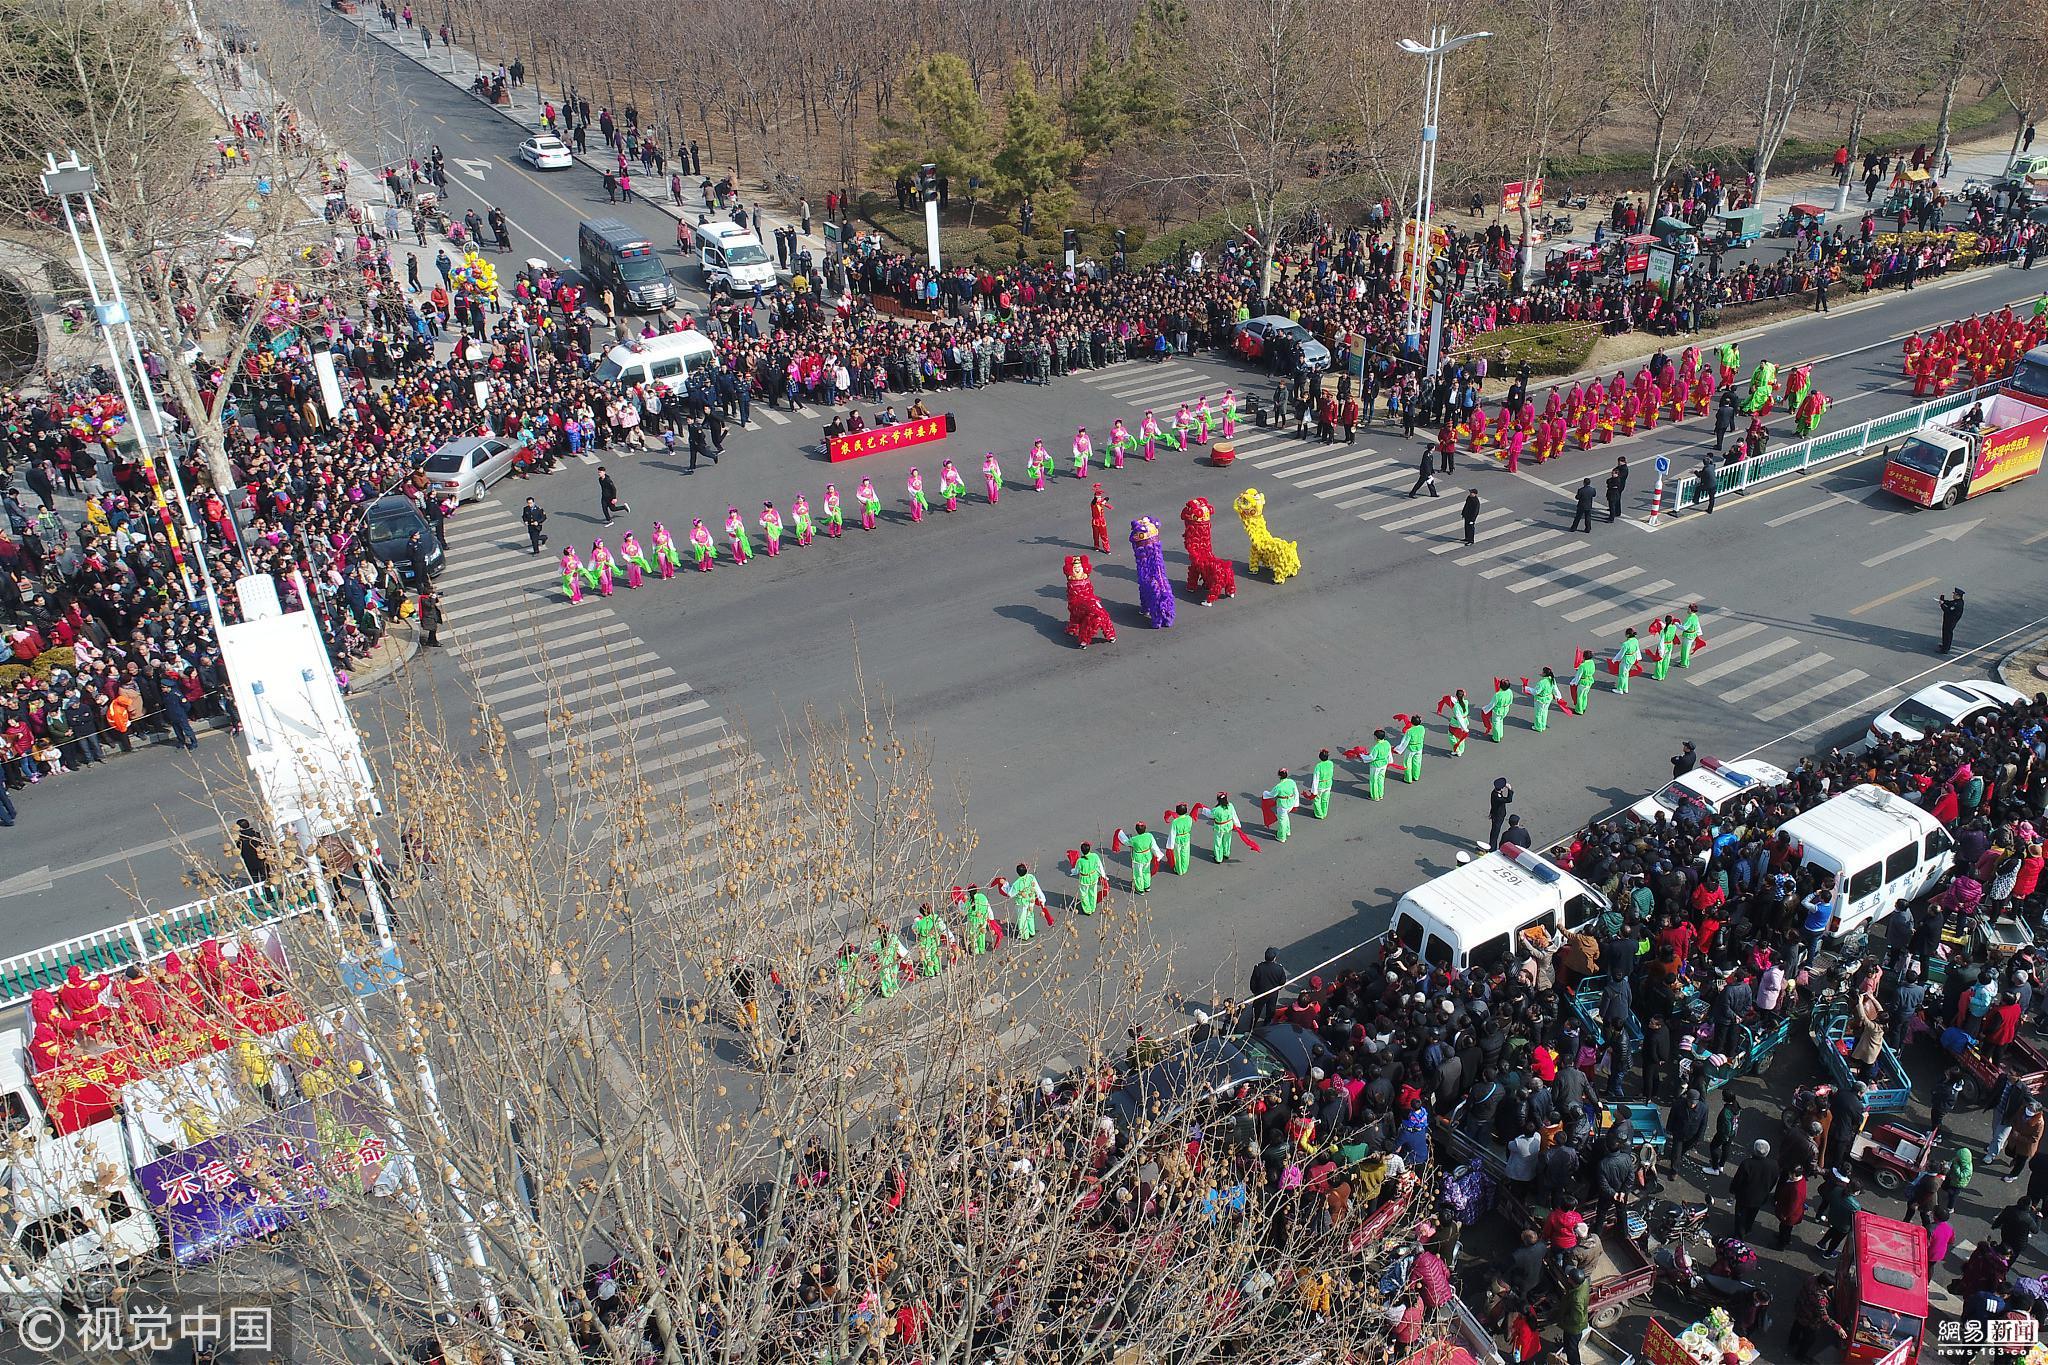 山东秧歌会演引万人围观 民众自带梯子观看!!! - 周公乐 - xinhua8848 的博客